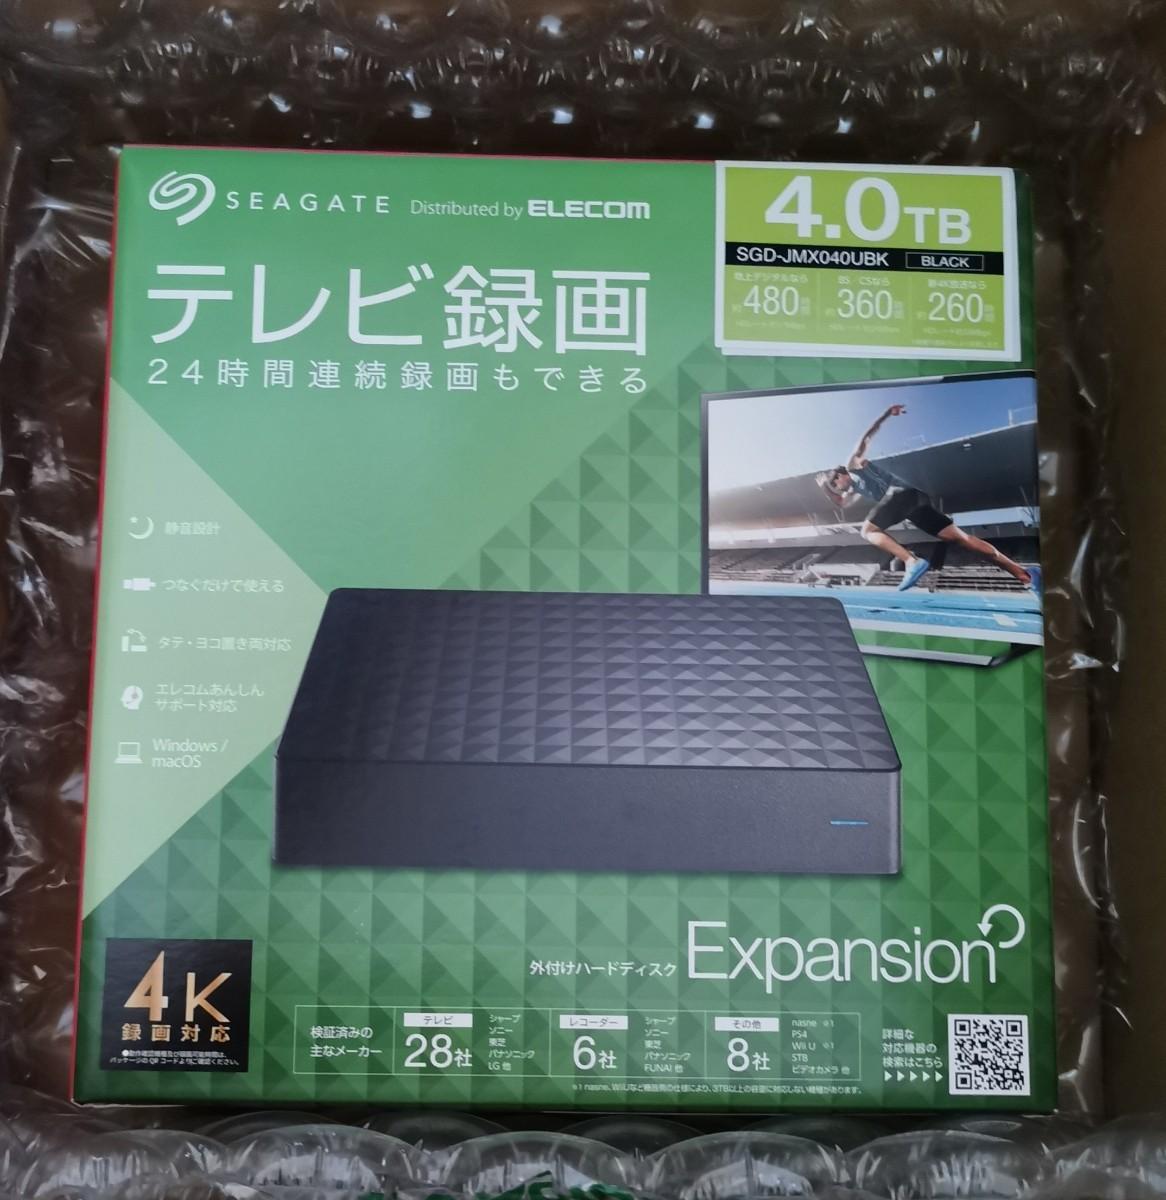 新品未開封品 4TB  外付けHDD 外付けハードディスク  ELECOM